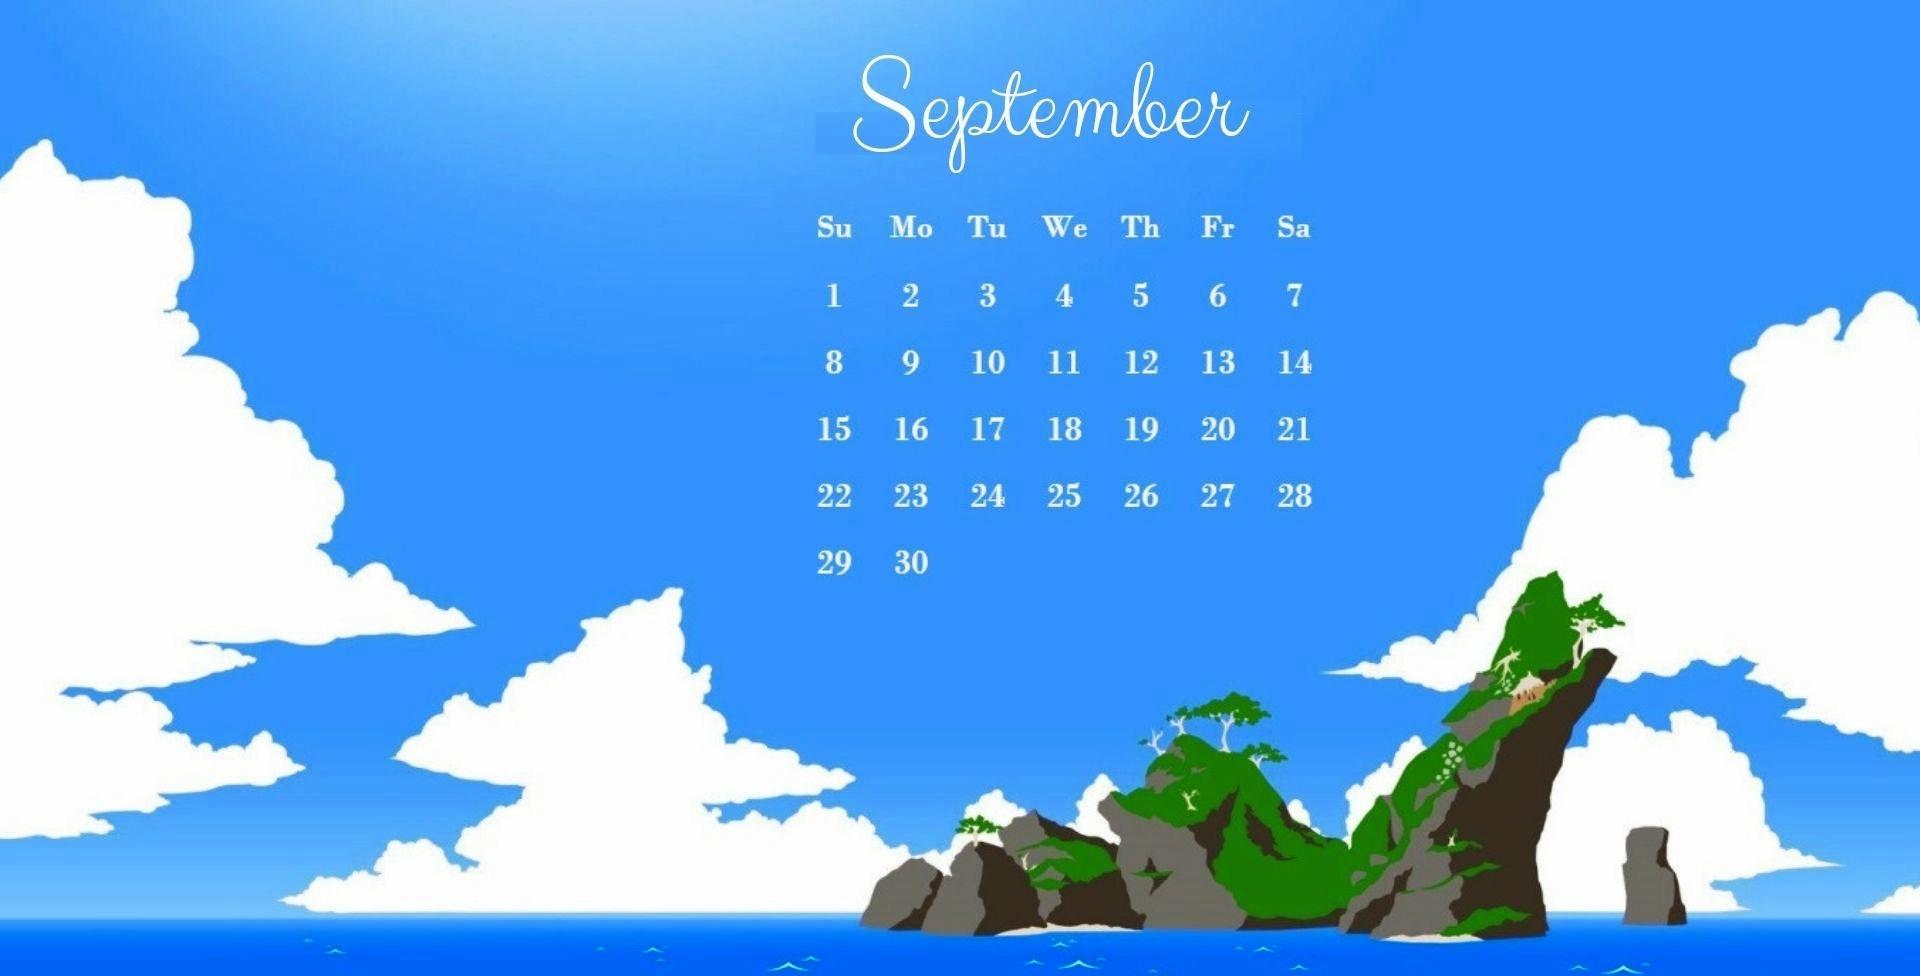 September 2019 Desktop Calendar Wallpaper 1920x976